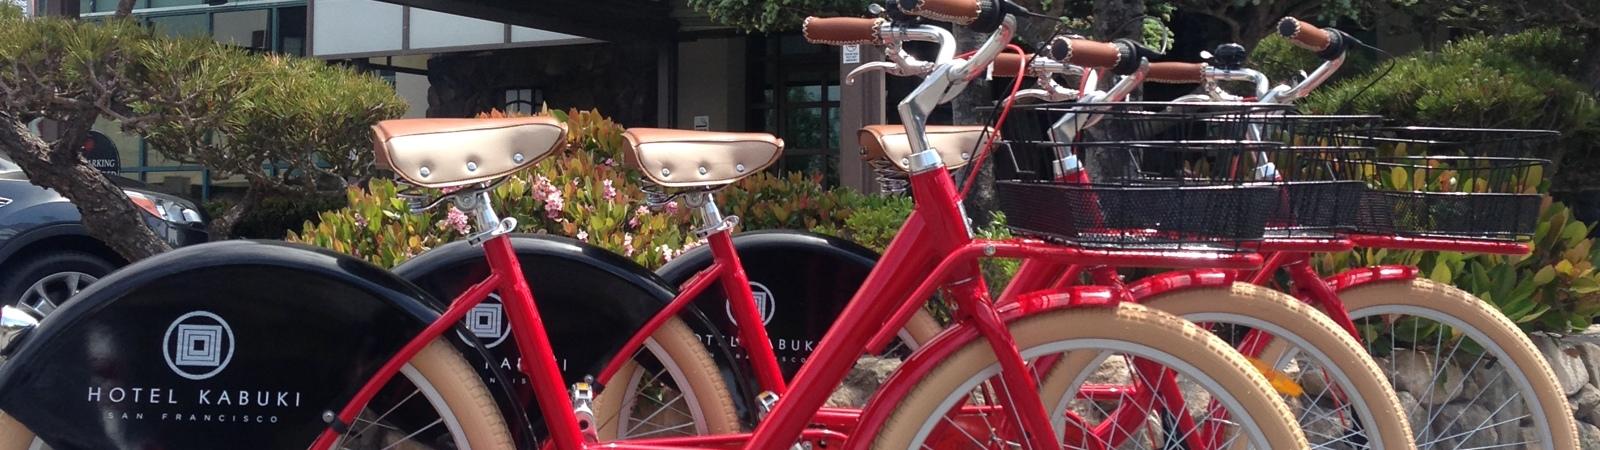 Kabuki Bikes